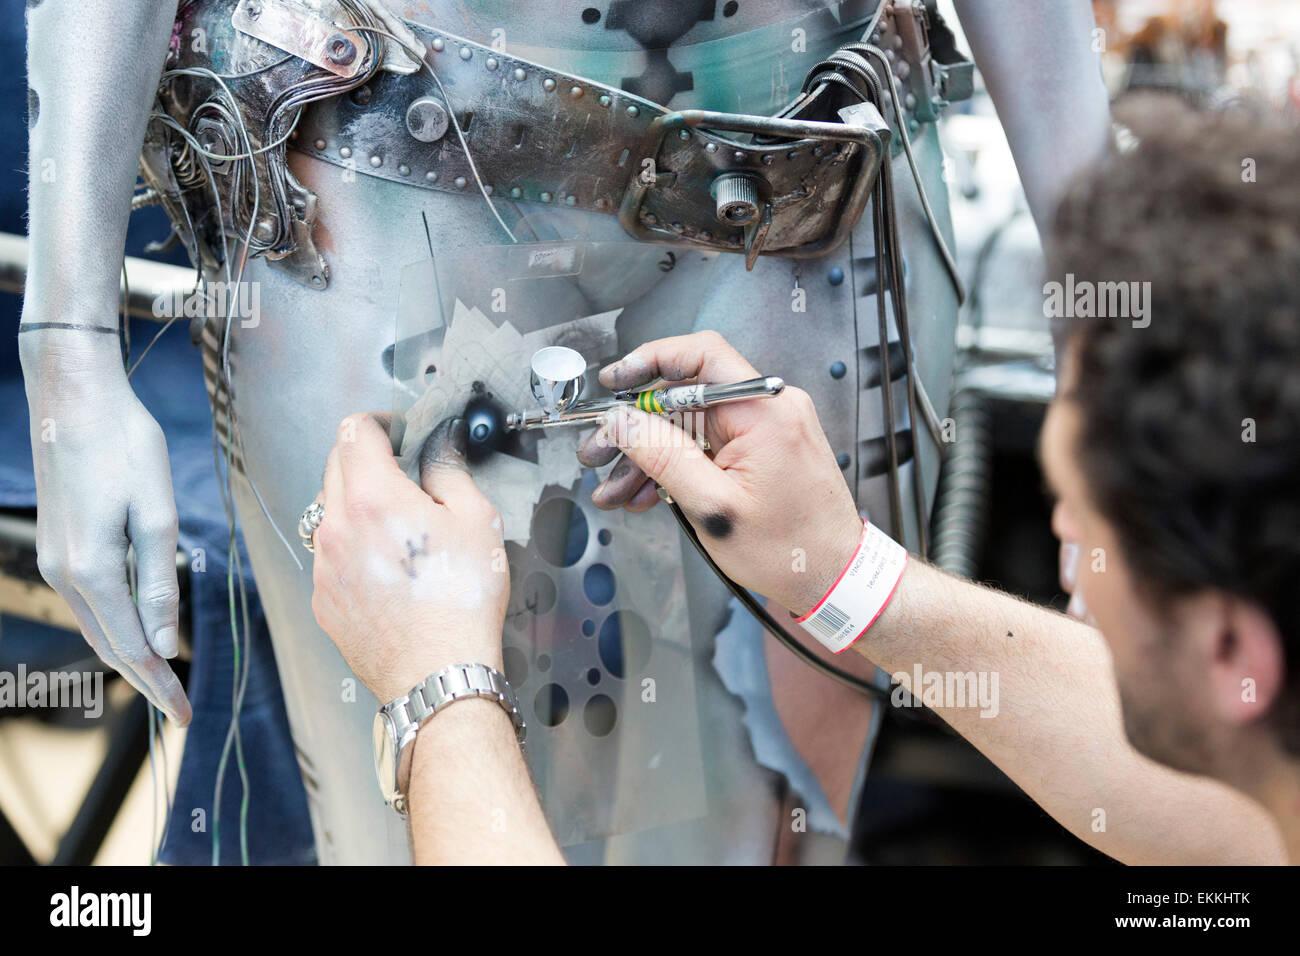 Londra, Regno Unito. 11 aprile 2015. Un trucco artista usa aerografo tecnica per creare una progettazione di bodypainting. Immagini Stock